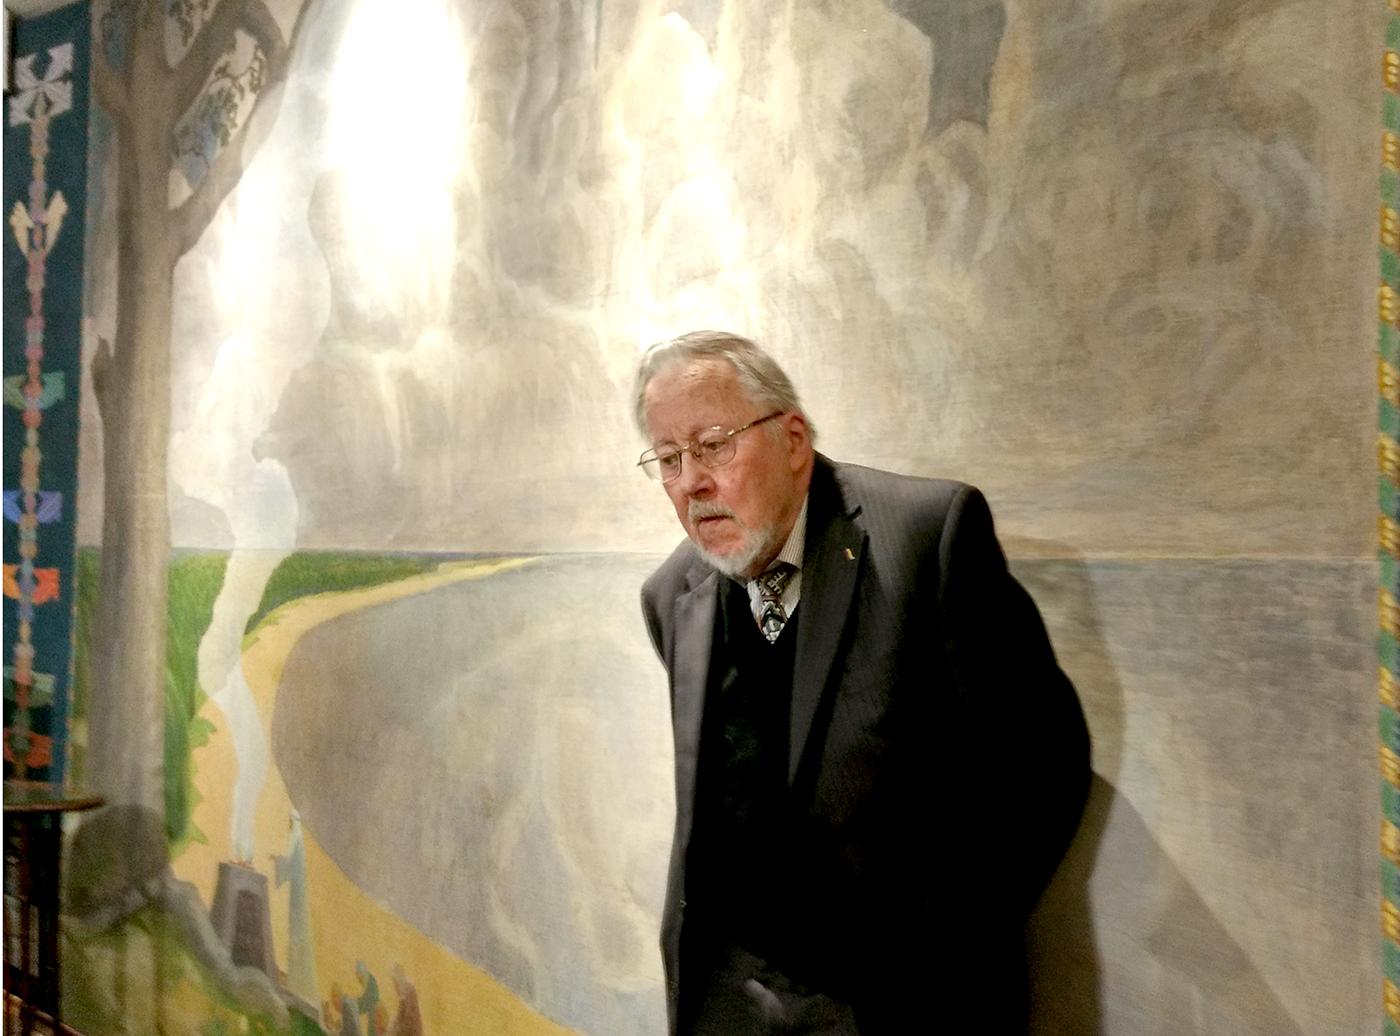 Prisiminimais apie dailininką dalijosi prof. Vytautas Landsbergis.